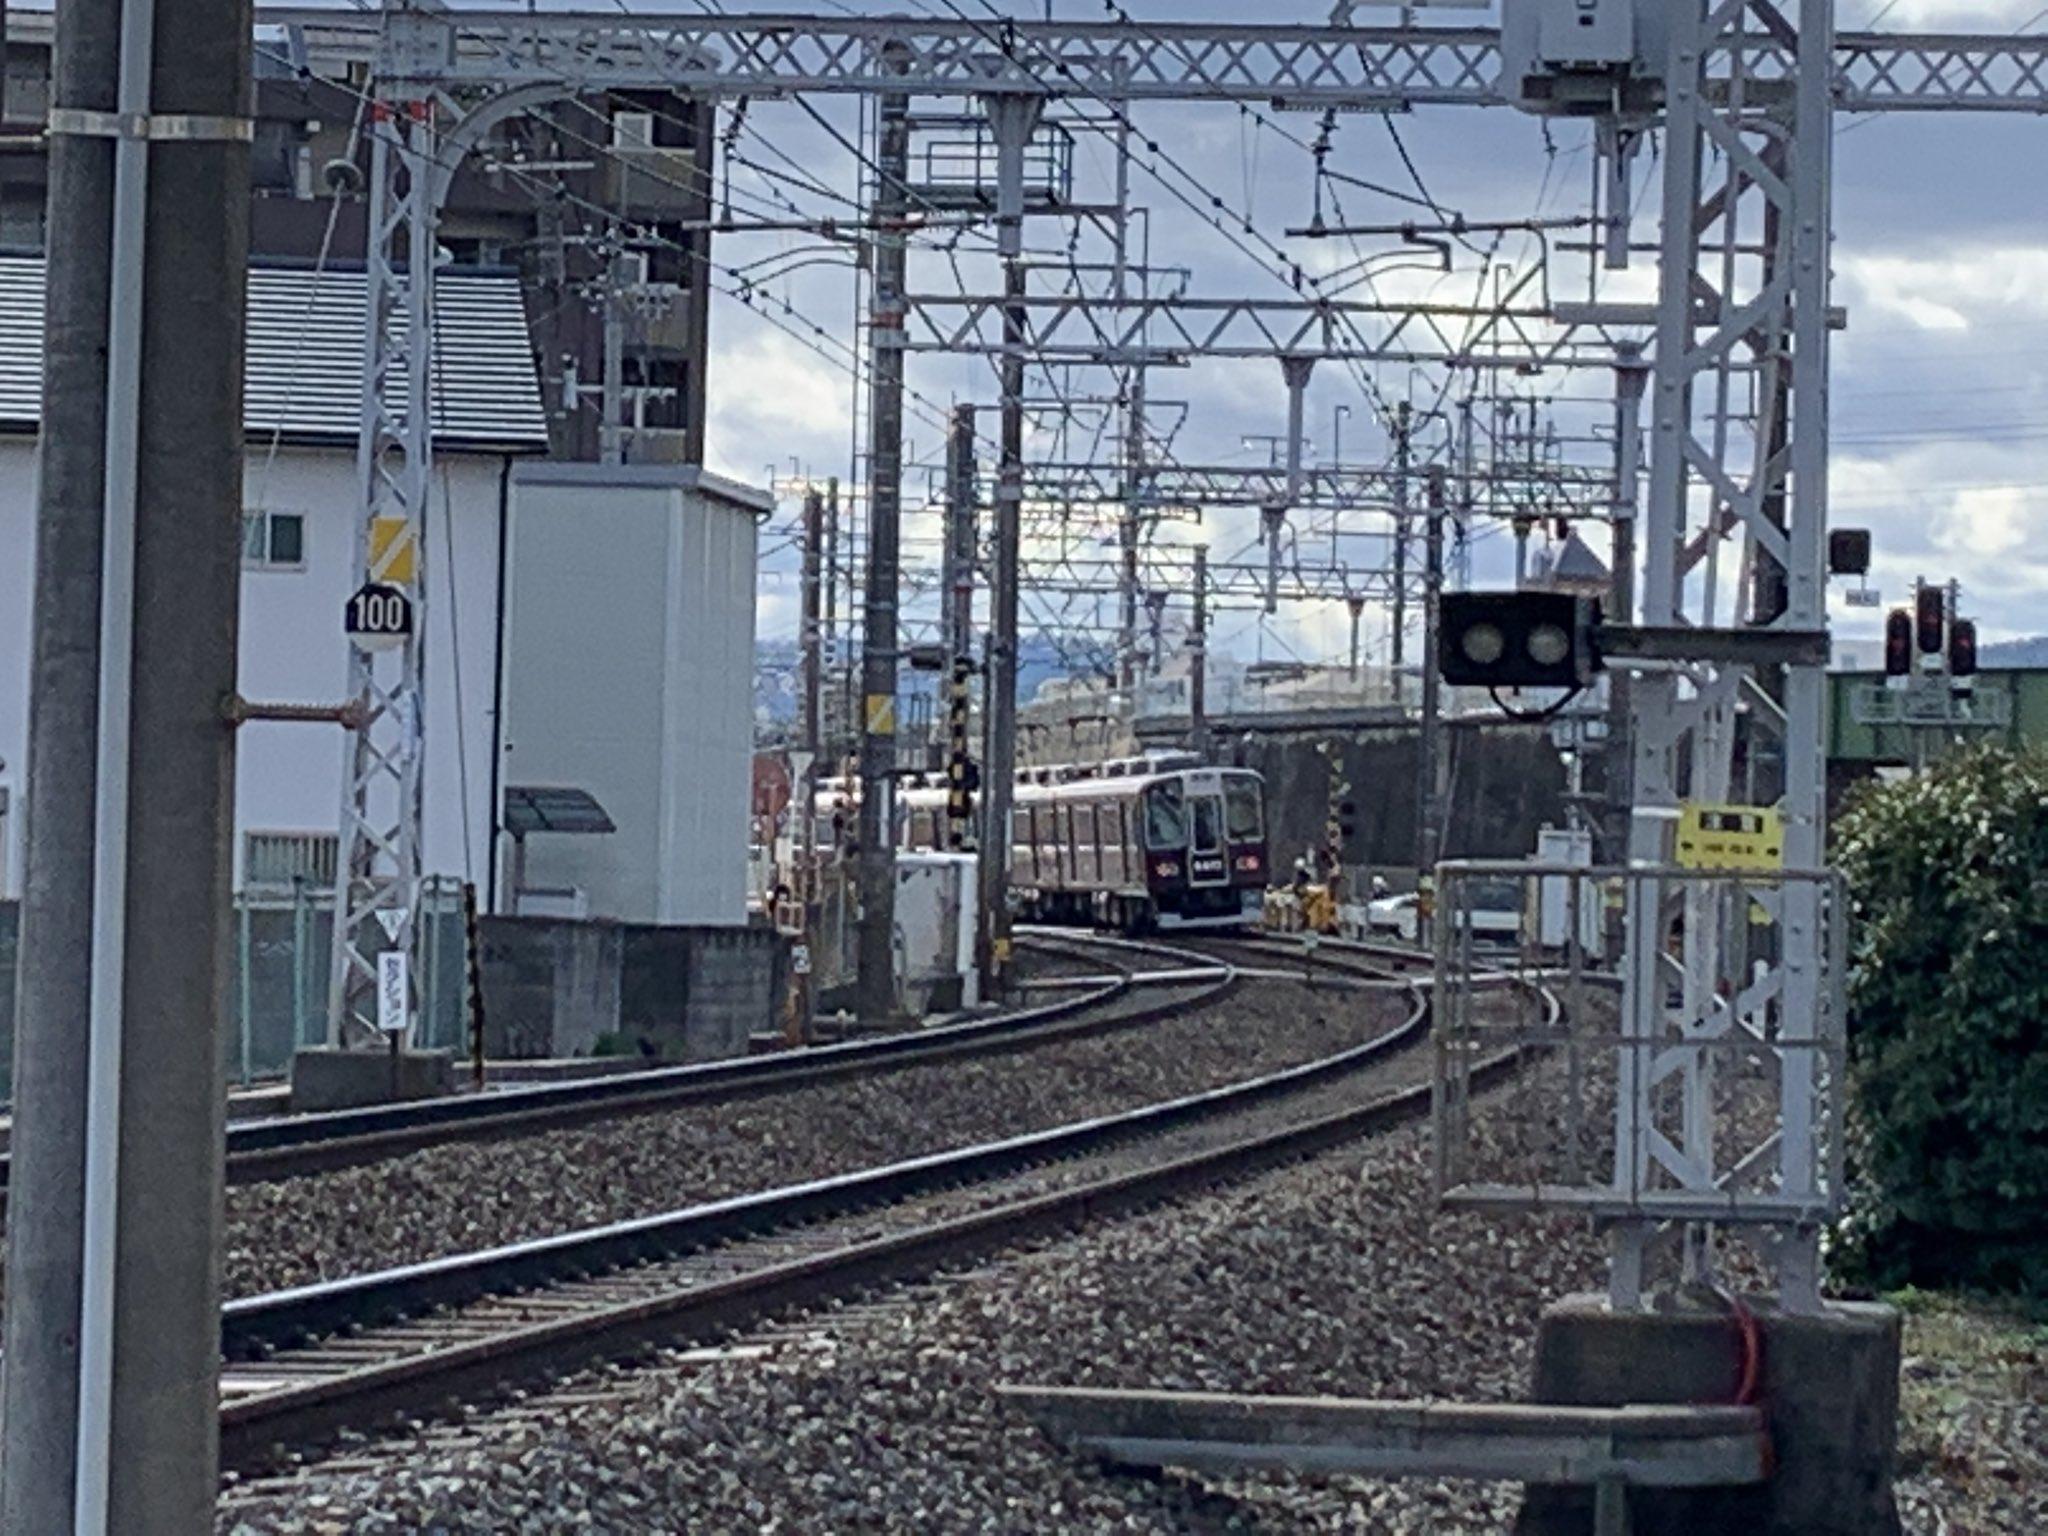 阪急京都線の西京極駅~桂駅間で人身事故が起きた現場の画像